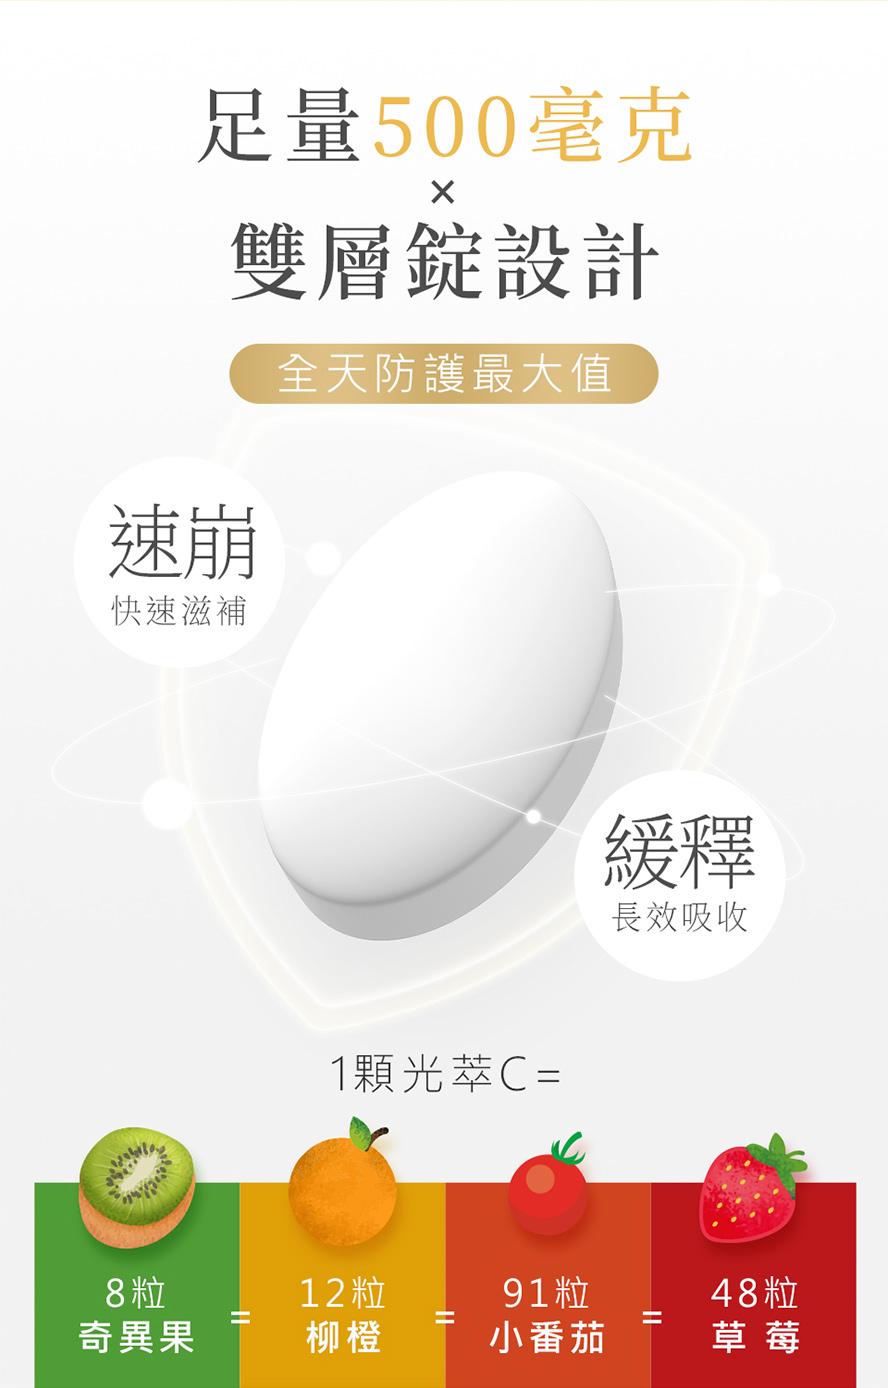 BHKs光萃維生素C,有助於膠原蛋白形成、促進鐵質吸收,輕鬆抗老擁有好氣色。